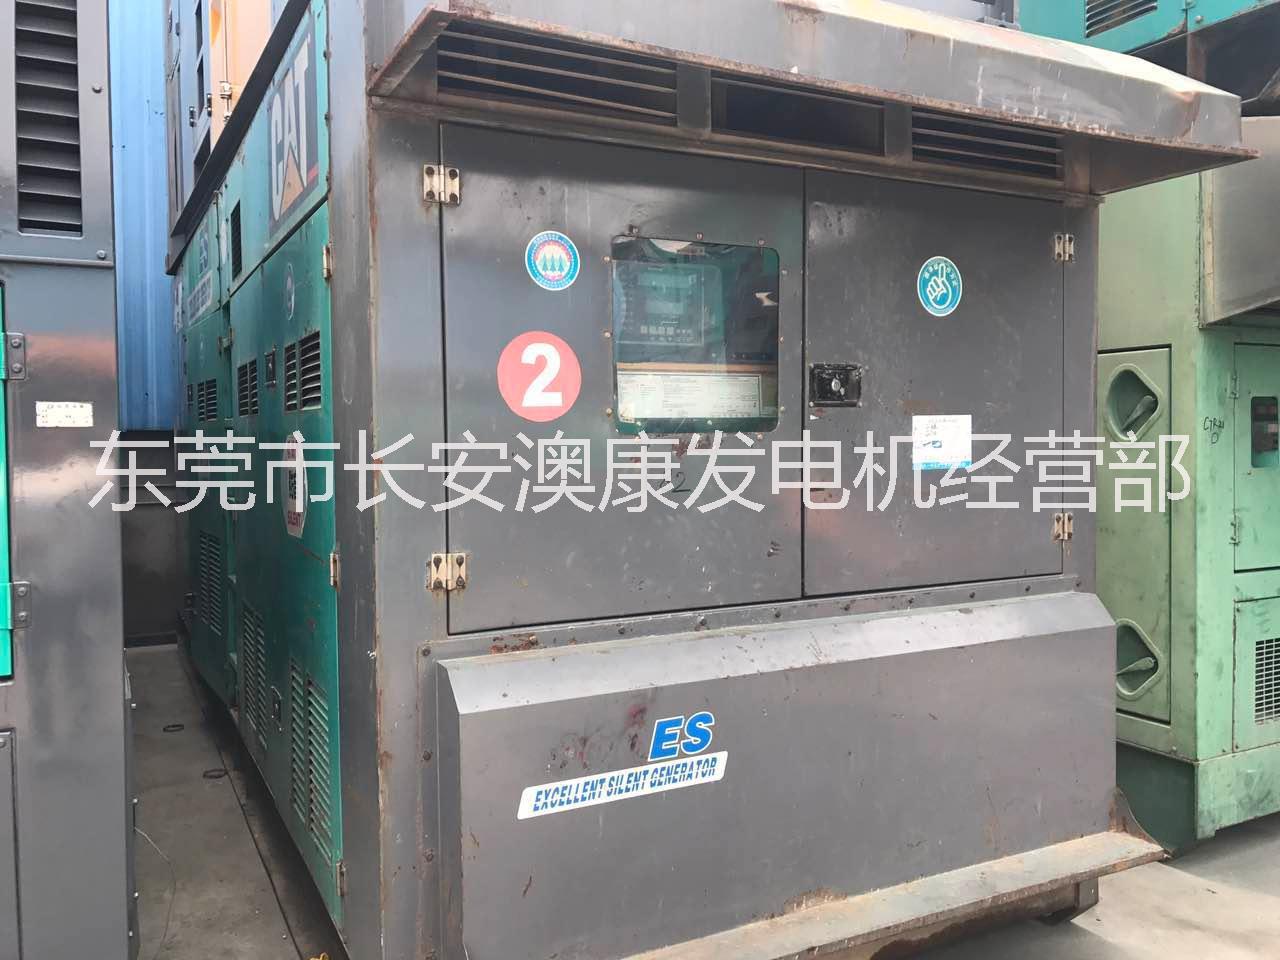 静音卡特发电机出售出租回收维修 带防音箱卡特发电机 环保卡特发电机组 卡特发电机出租